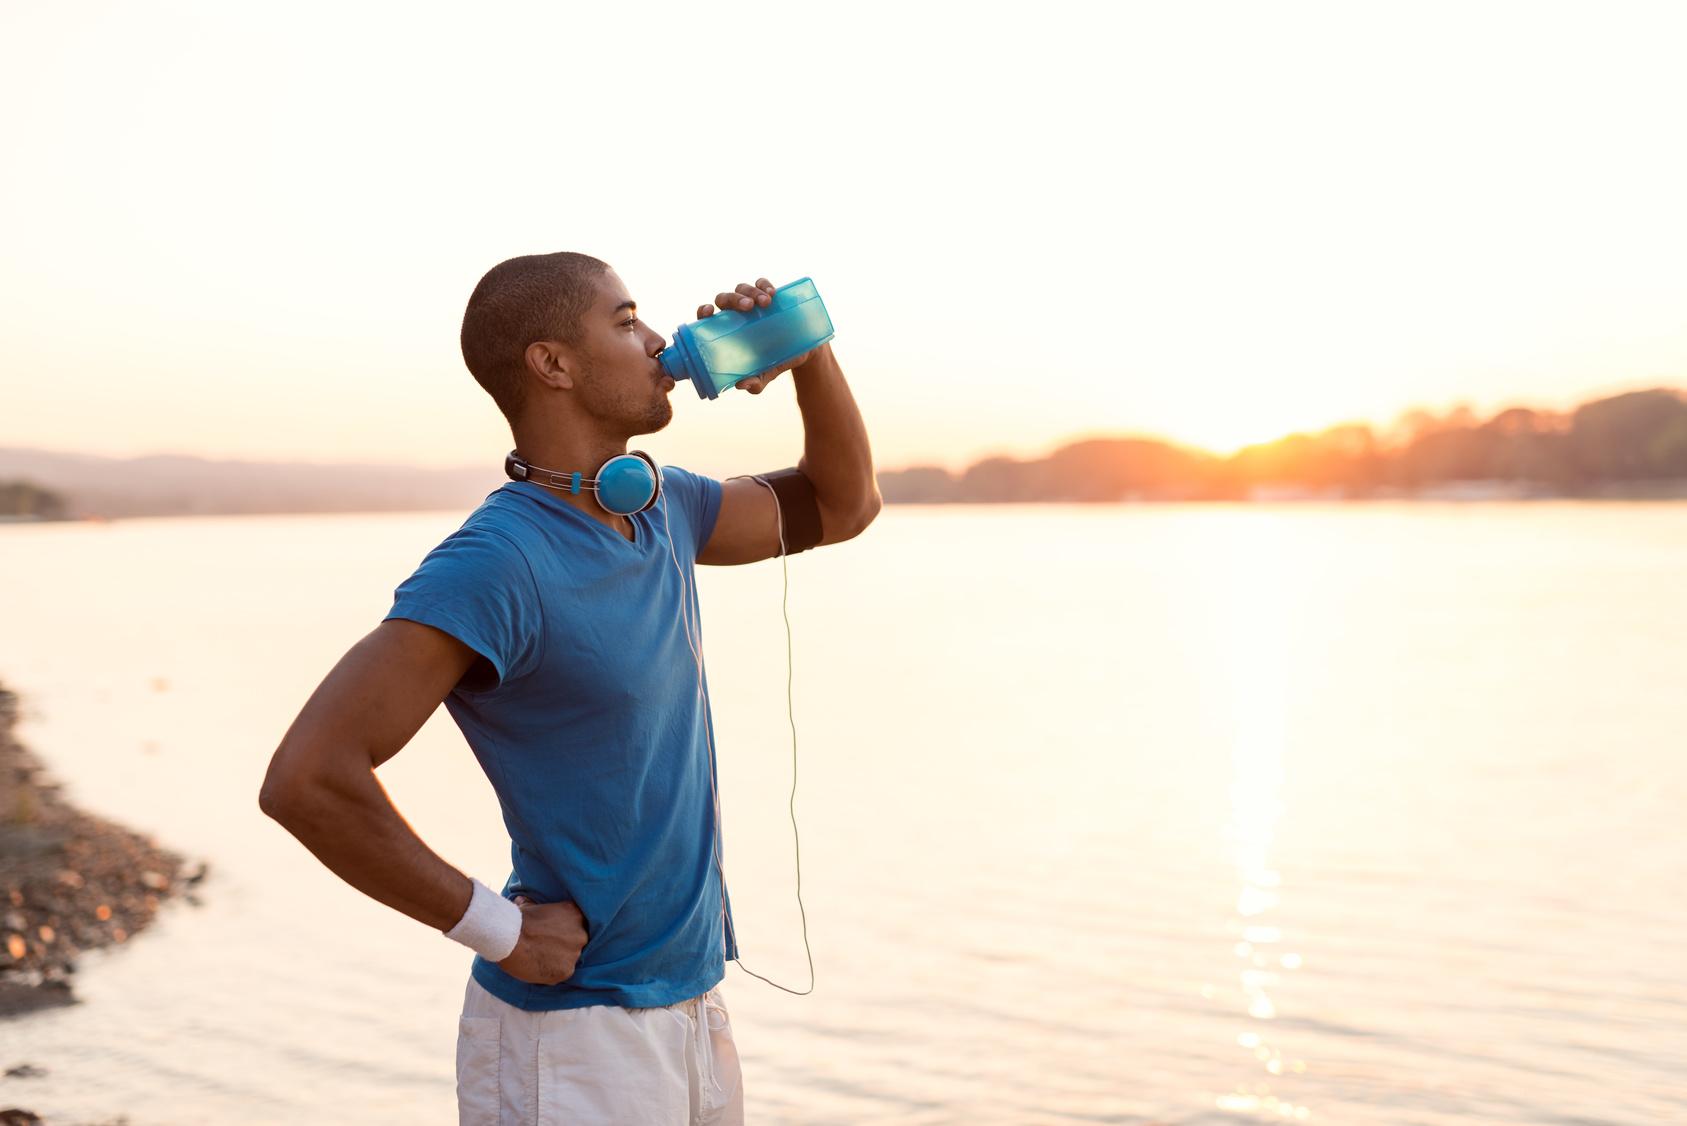 Laufplanung: Ein junger Mann stoppt am See seinen Lauf um Wasser zu trinken